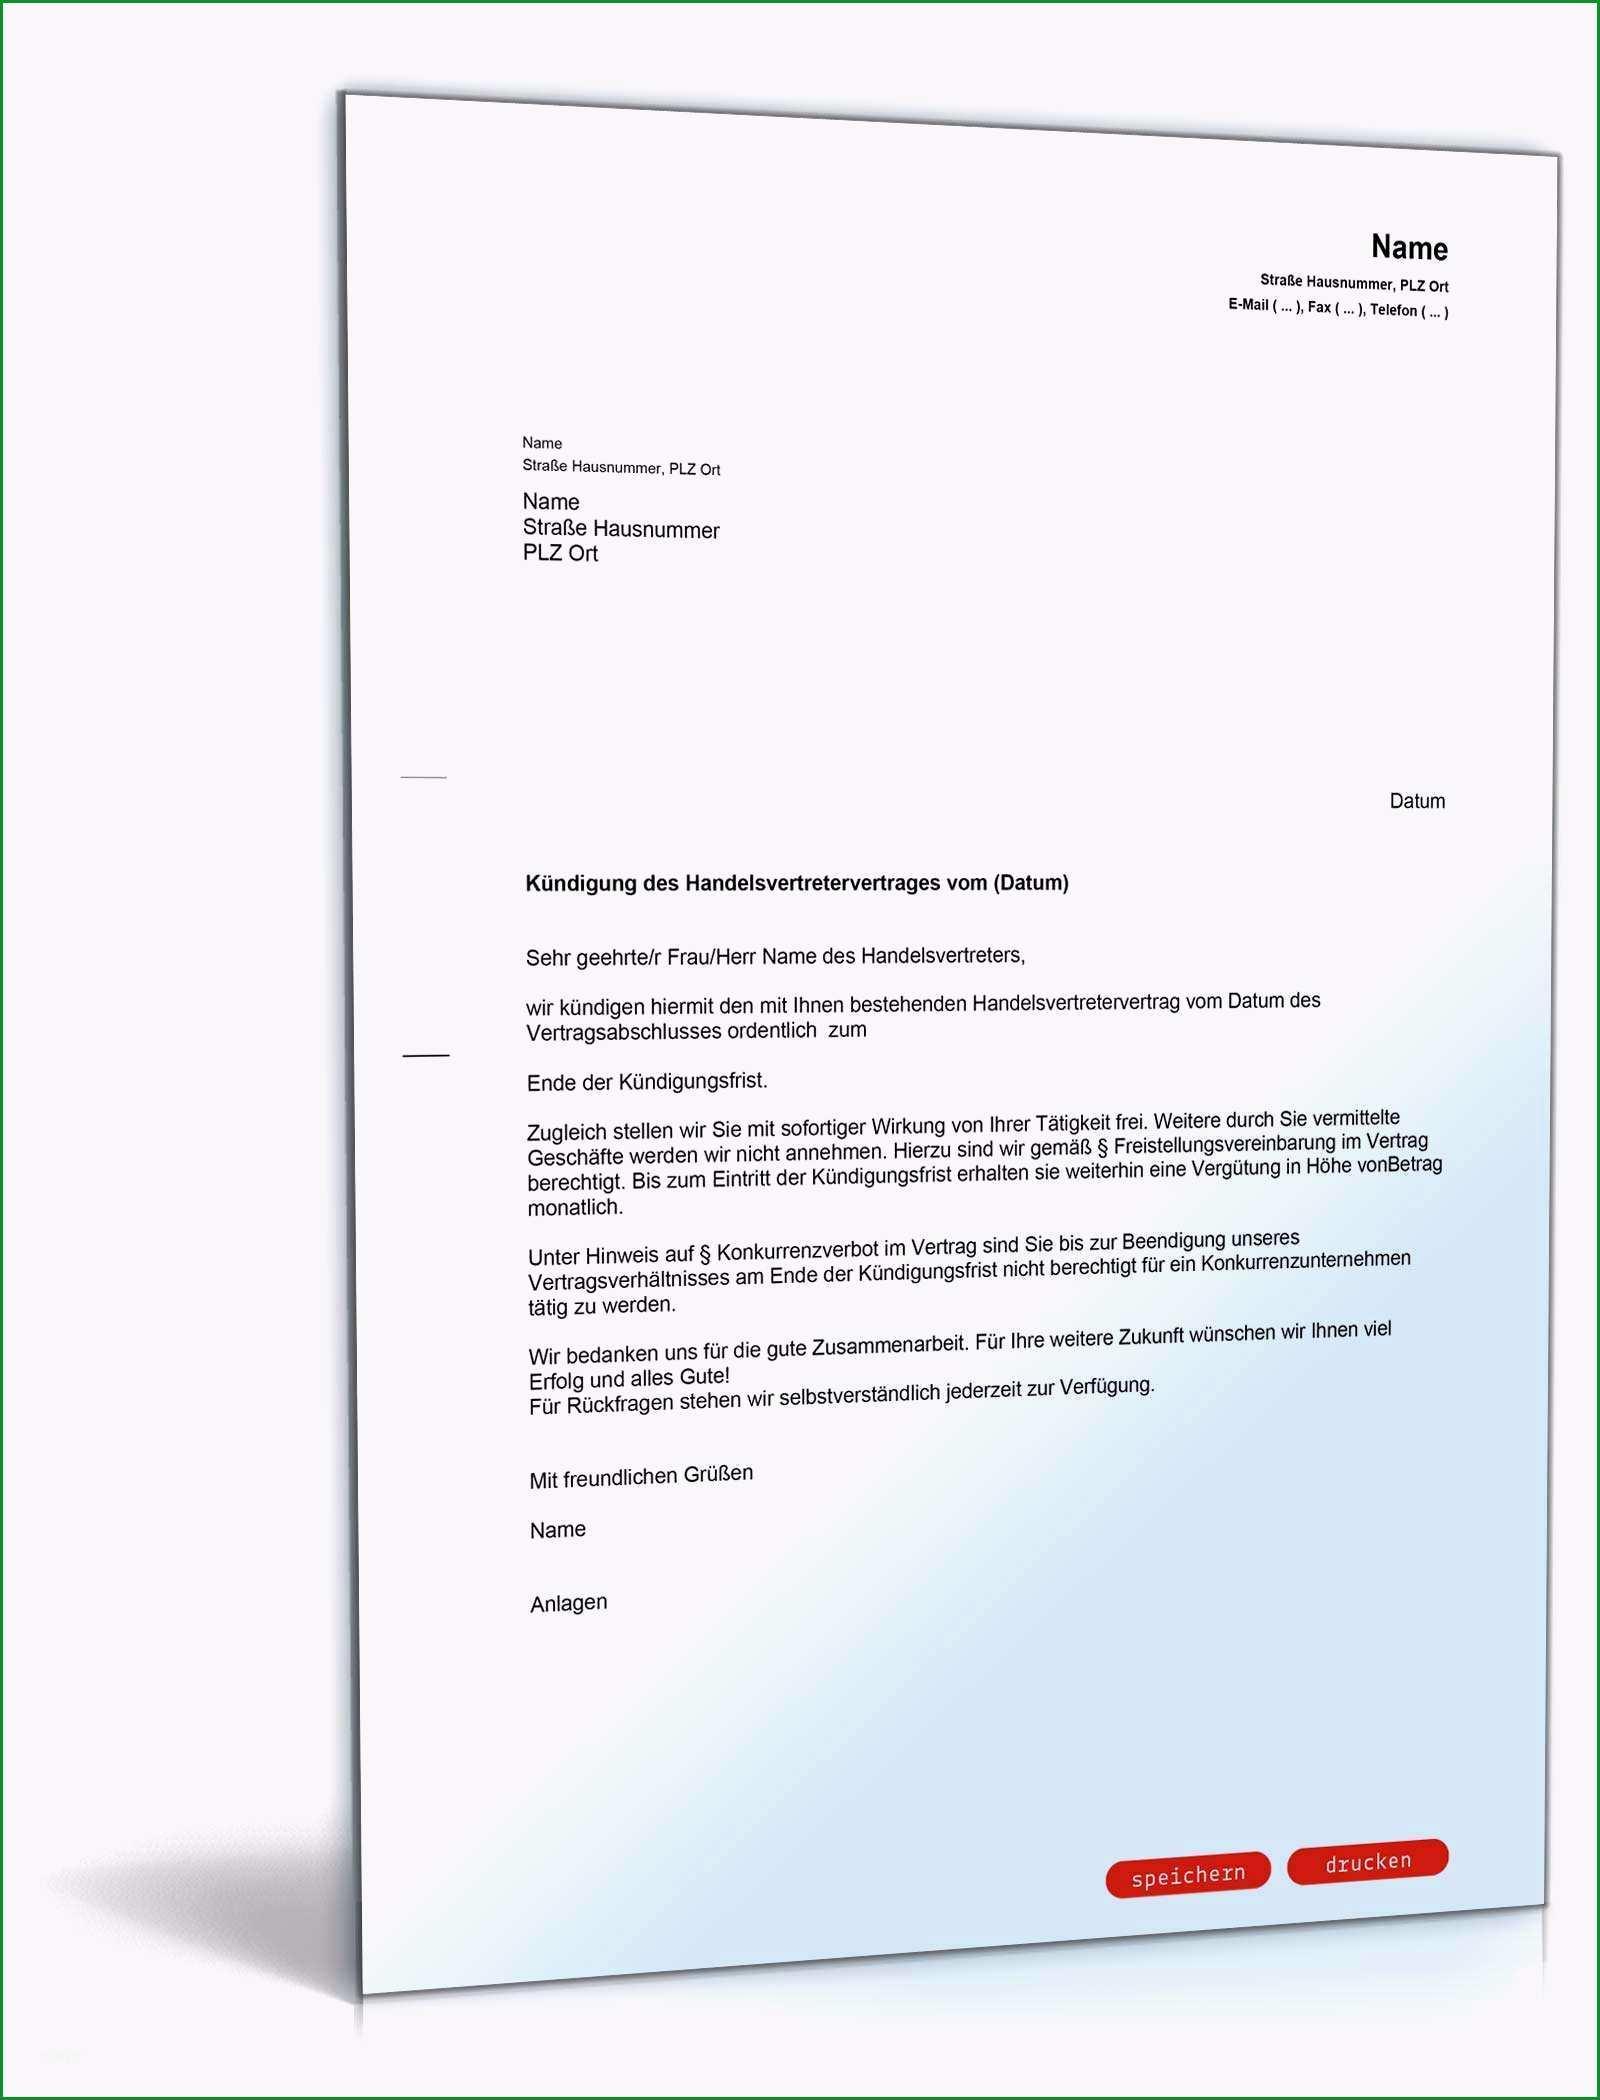 vorlage kundigung gasanbieter mietvertrag kundigen vorlage 2018 zum